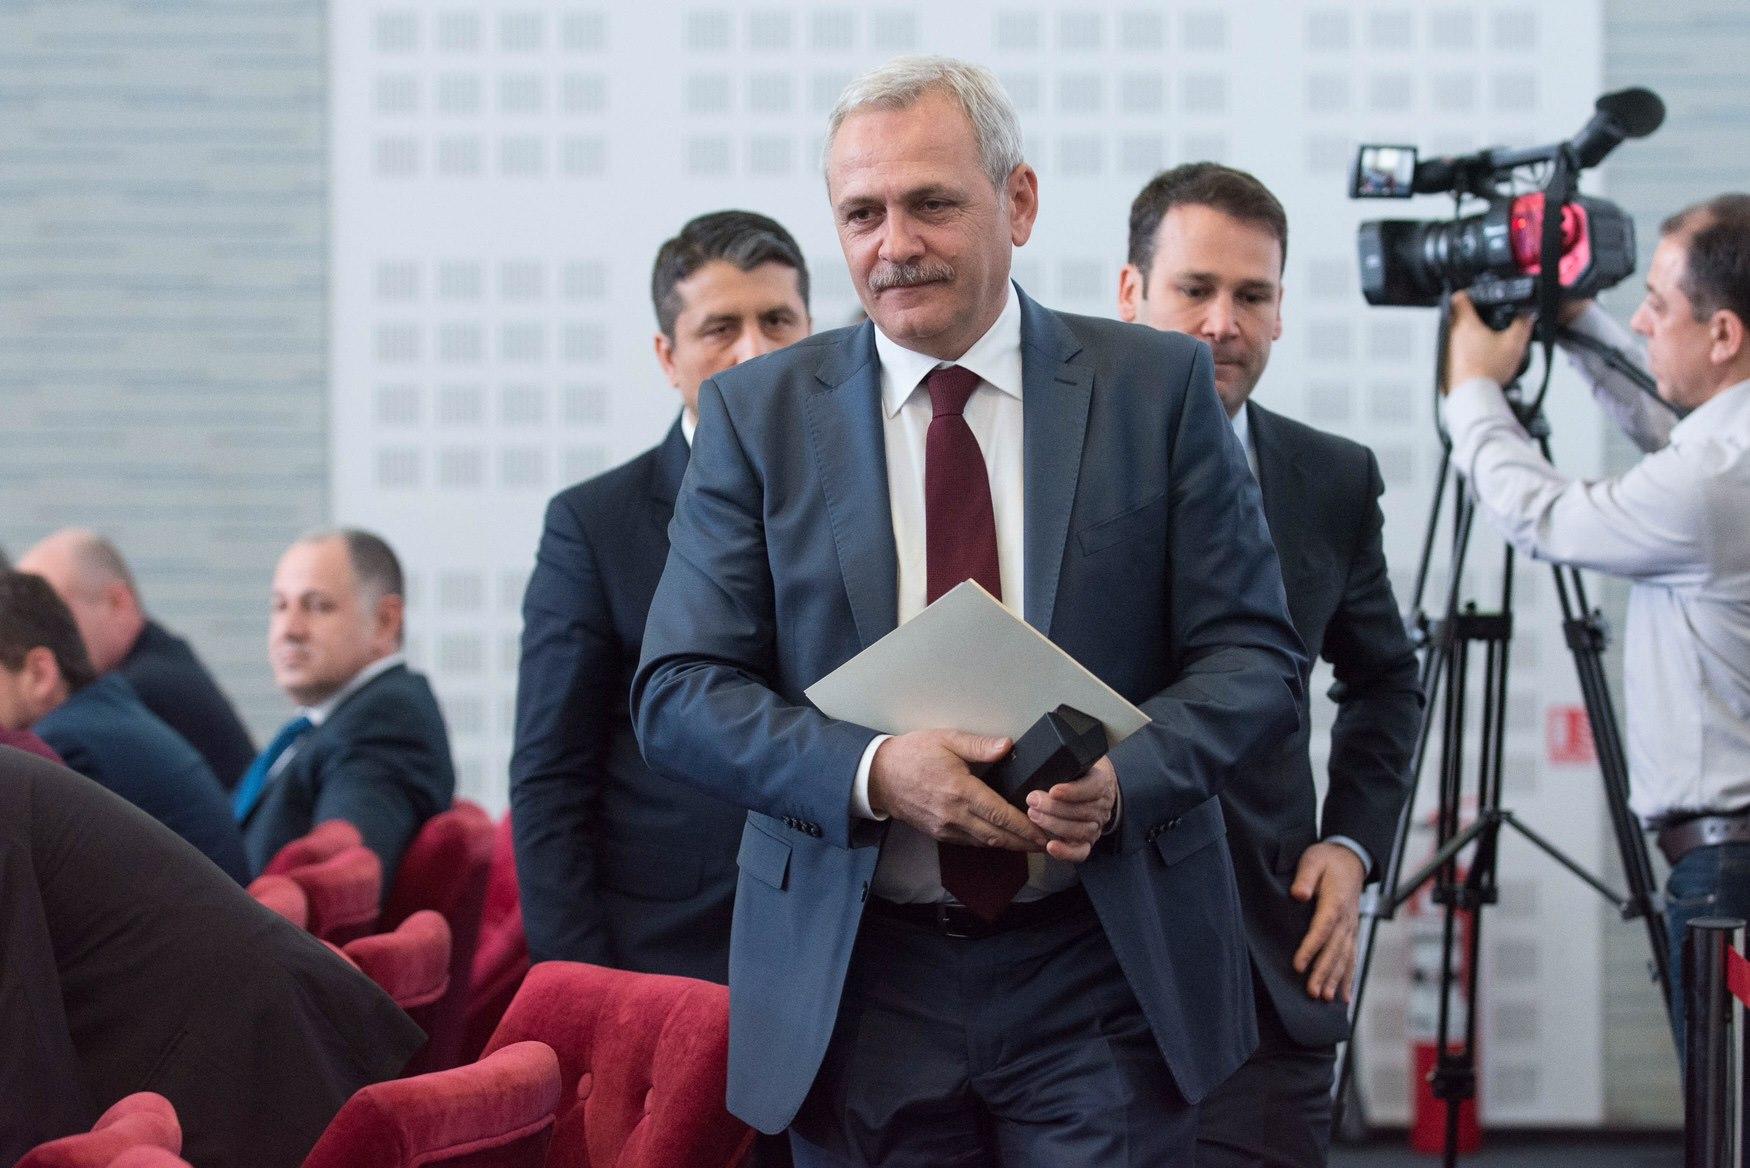 Dragnea: Apreciez înţelepciunea lui Iohannis; doreşte consultări cu majoritatea parlamentară pentru desemnarea şefului SIE